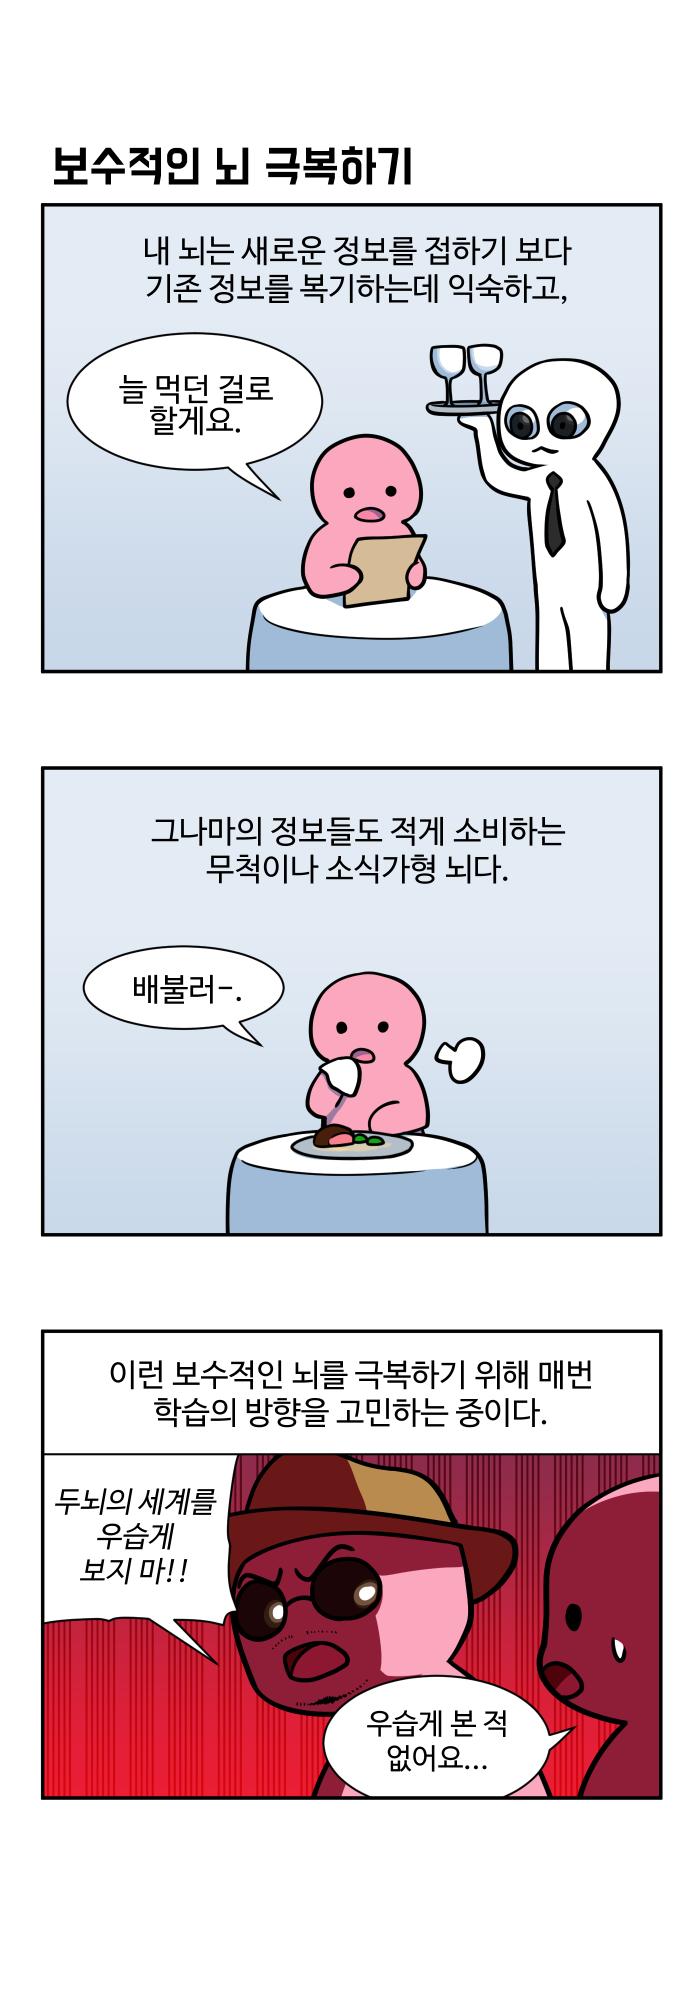 만화일기 - 보수적인 뇌 극복하기